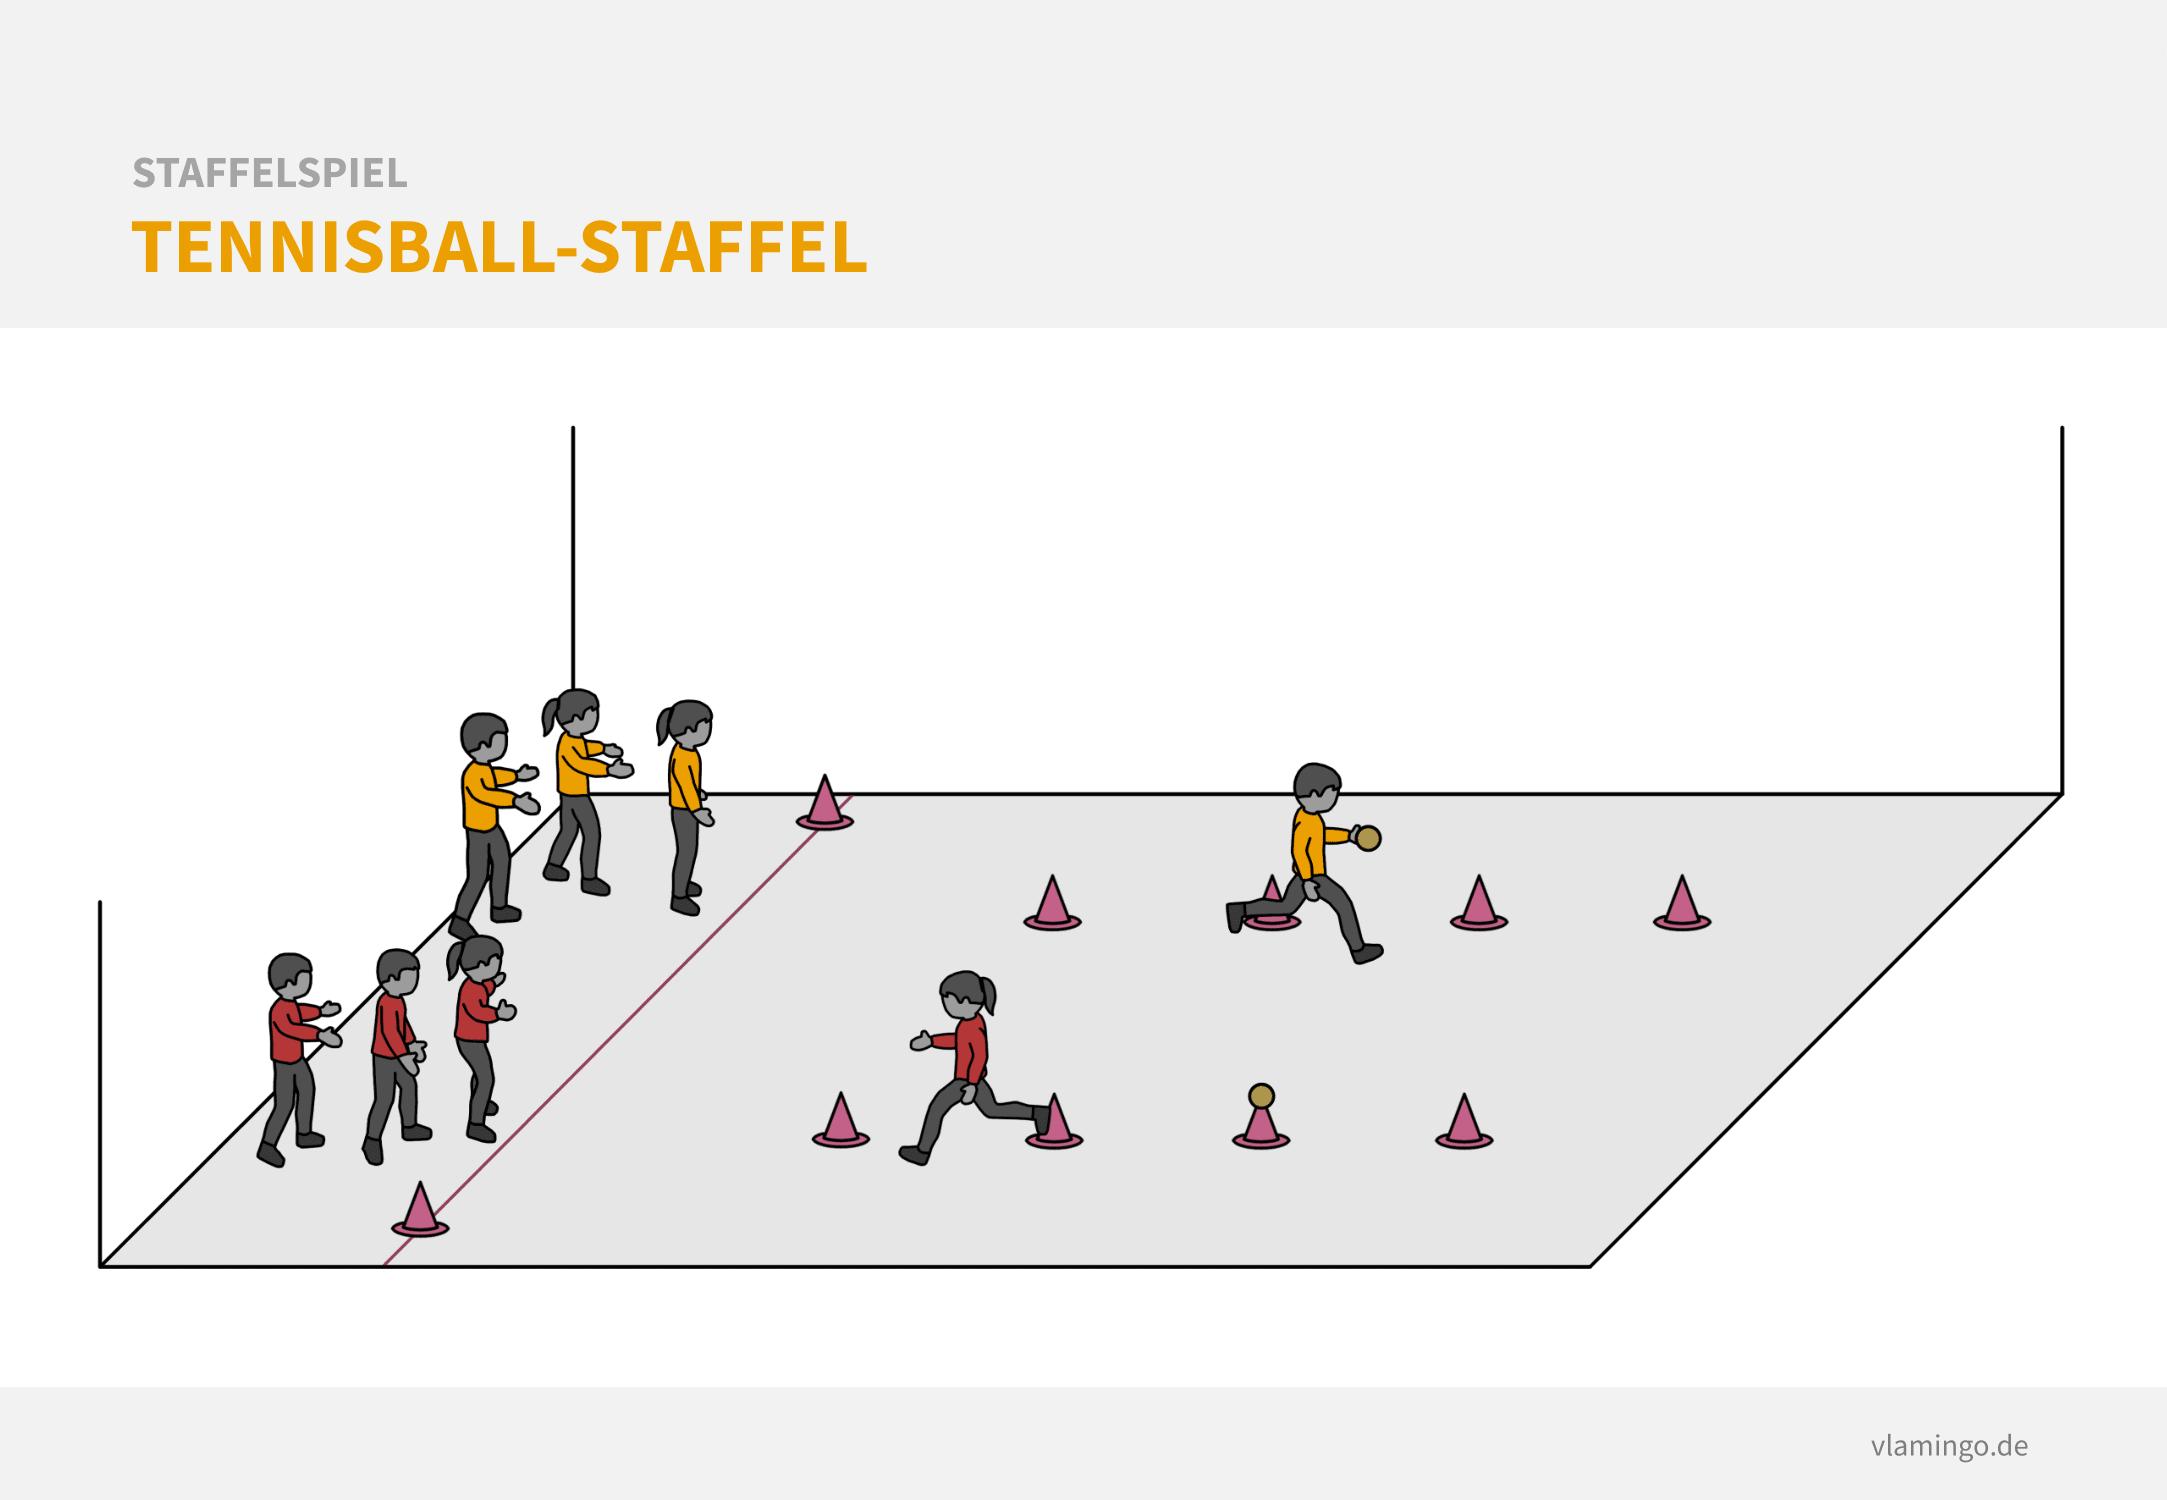 Staffelspiel - Tennisball-Staffel